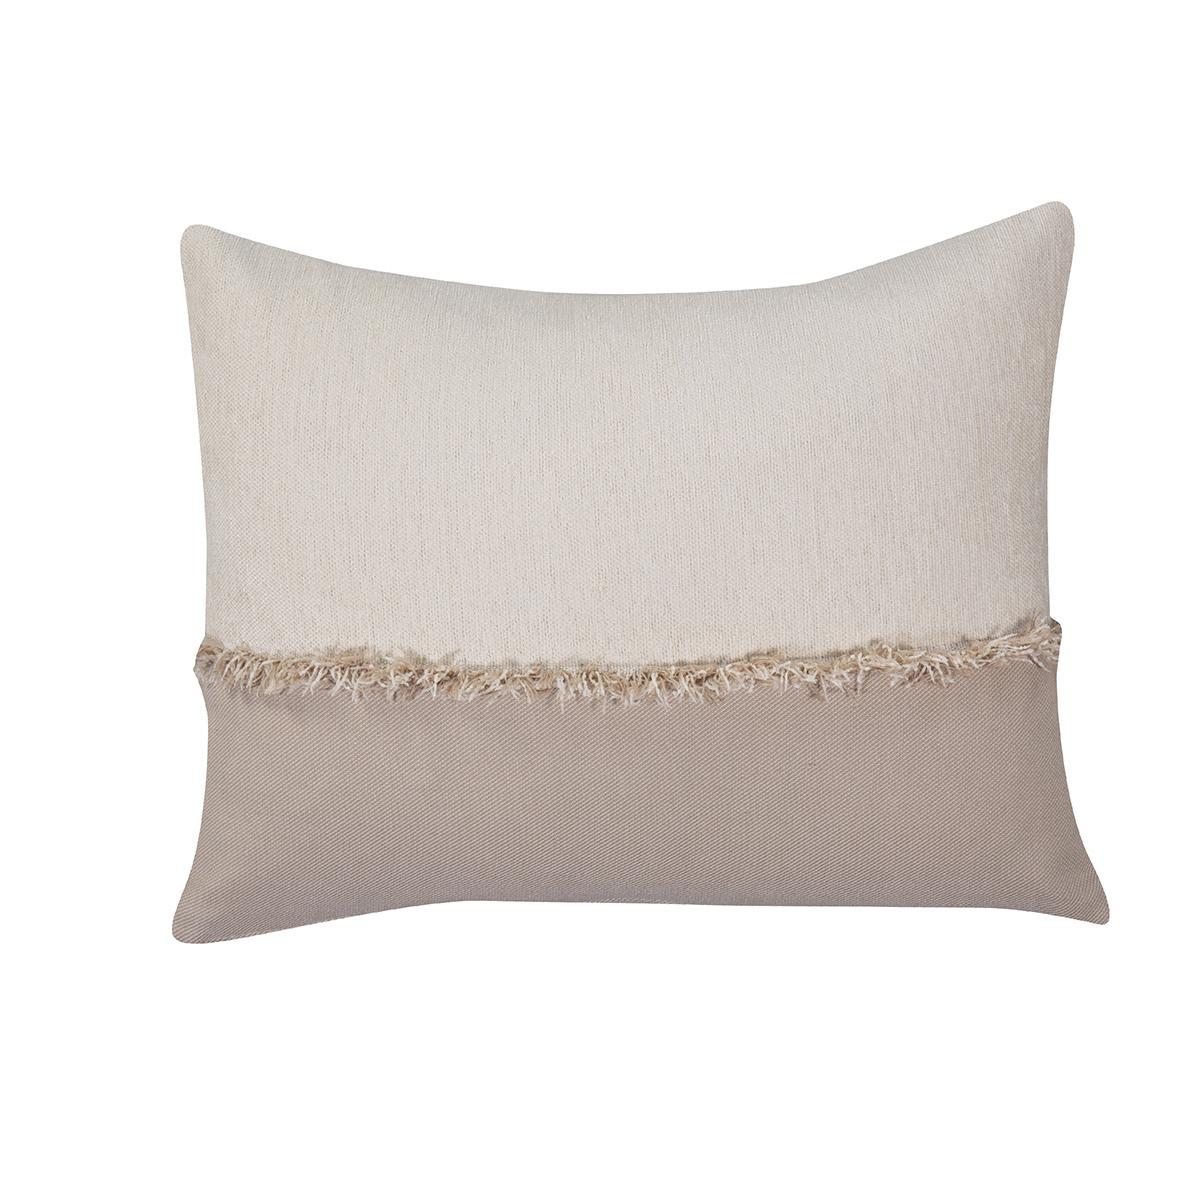 Διακοσμητικό Μαξιλάρι (40×55) Nef-Nef Nature Ecru/Linen